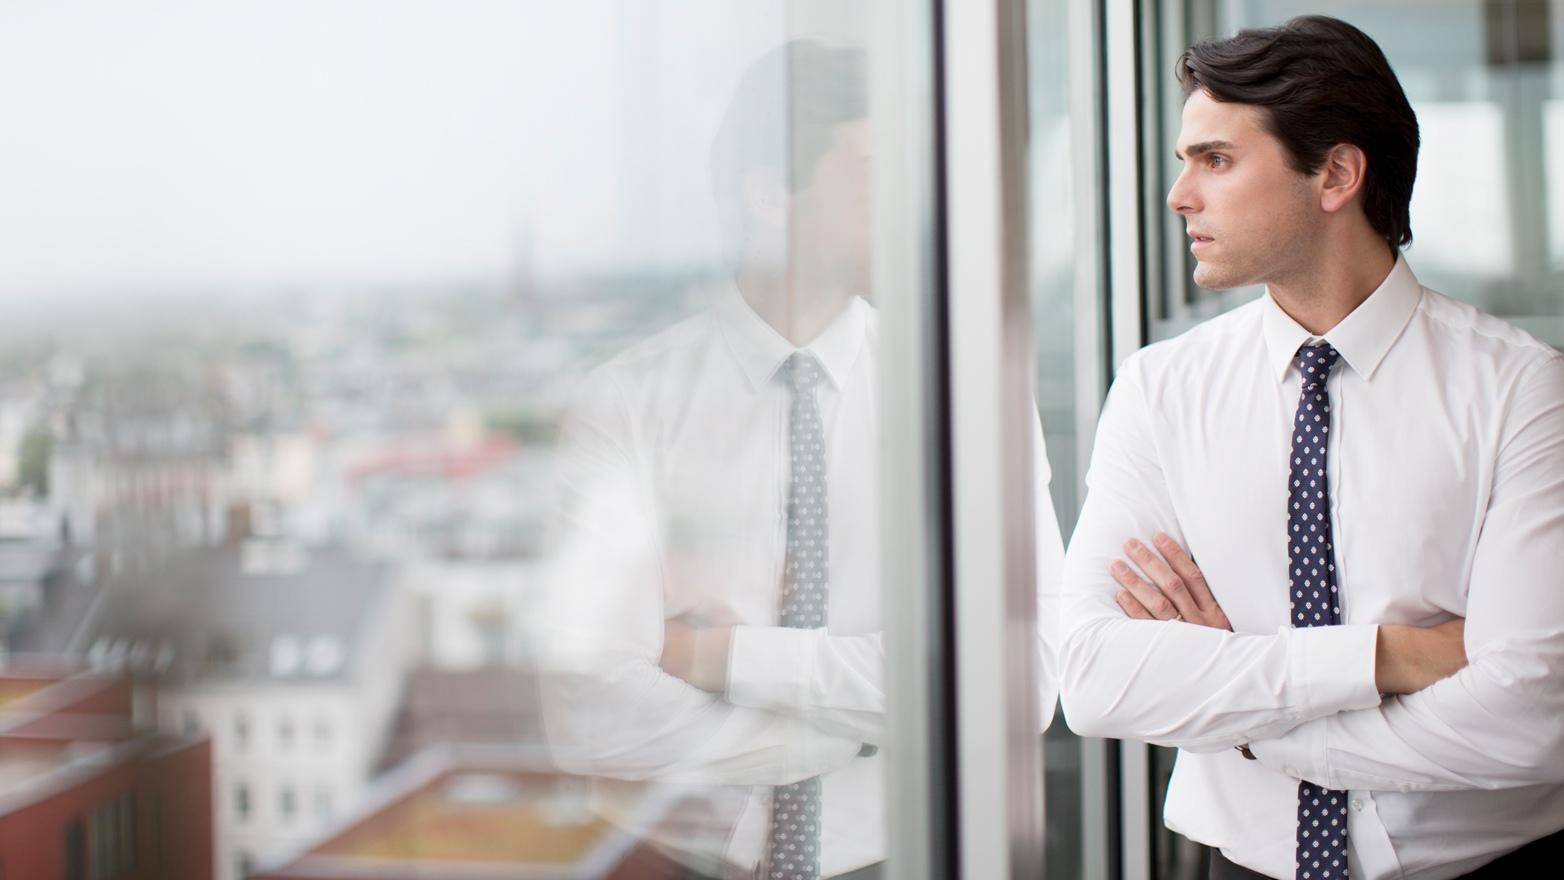 демисезонные сапожки офисные деловые фото на обои профессиональных